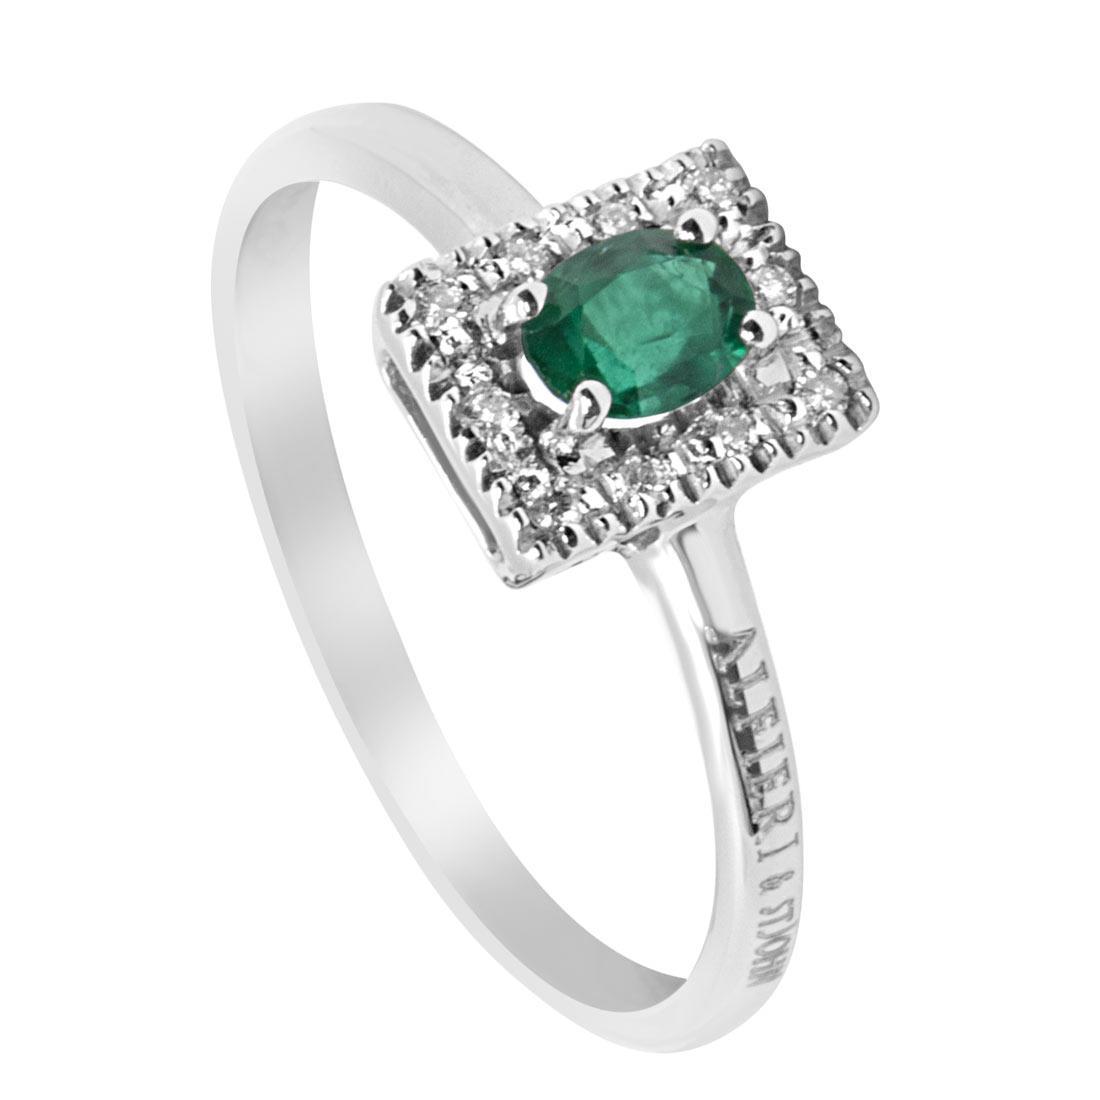 Anello in oro bianco con diamanti e smeraldo centrale mis 13 - ALFIERI & ST. JOHN